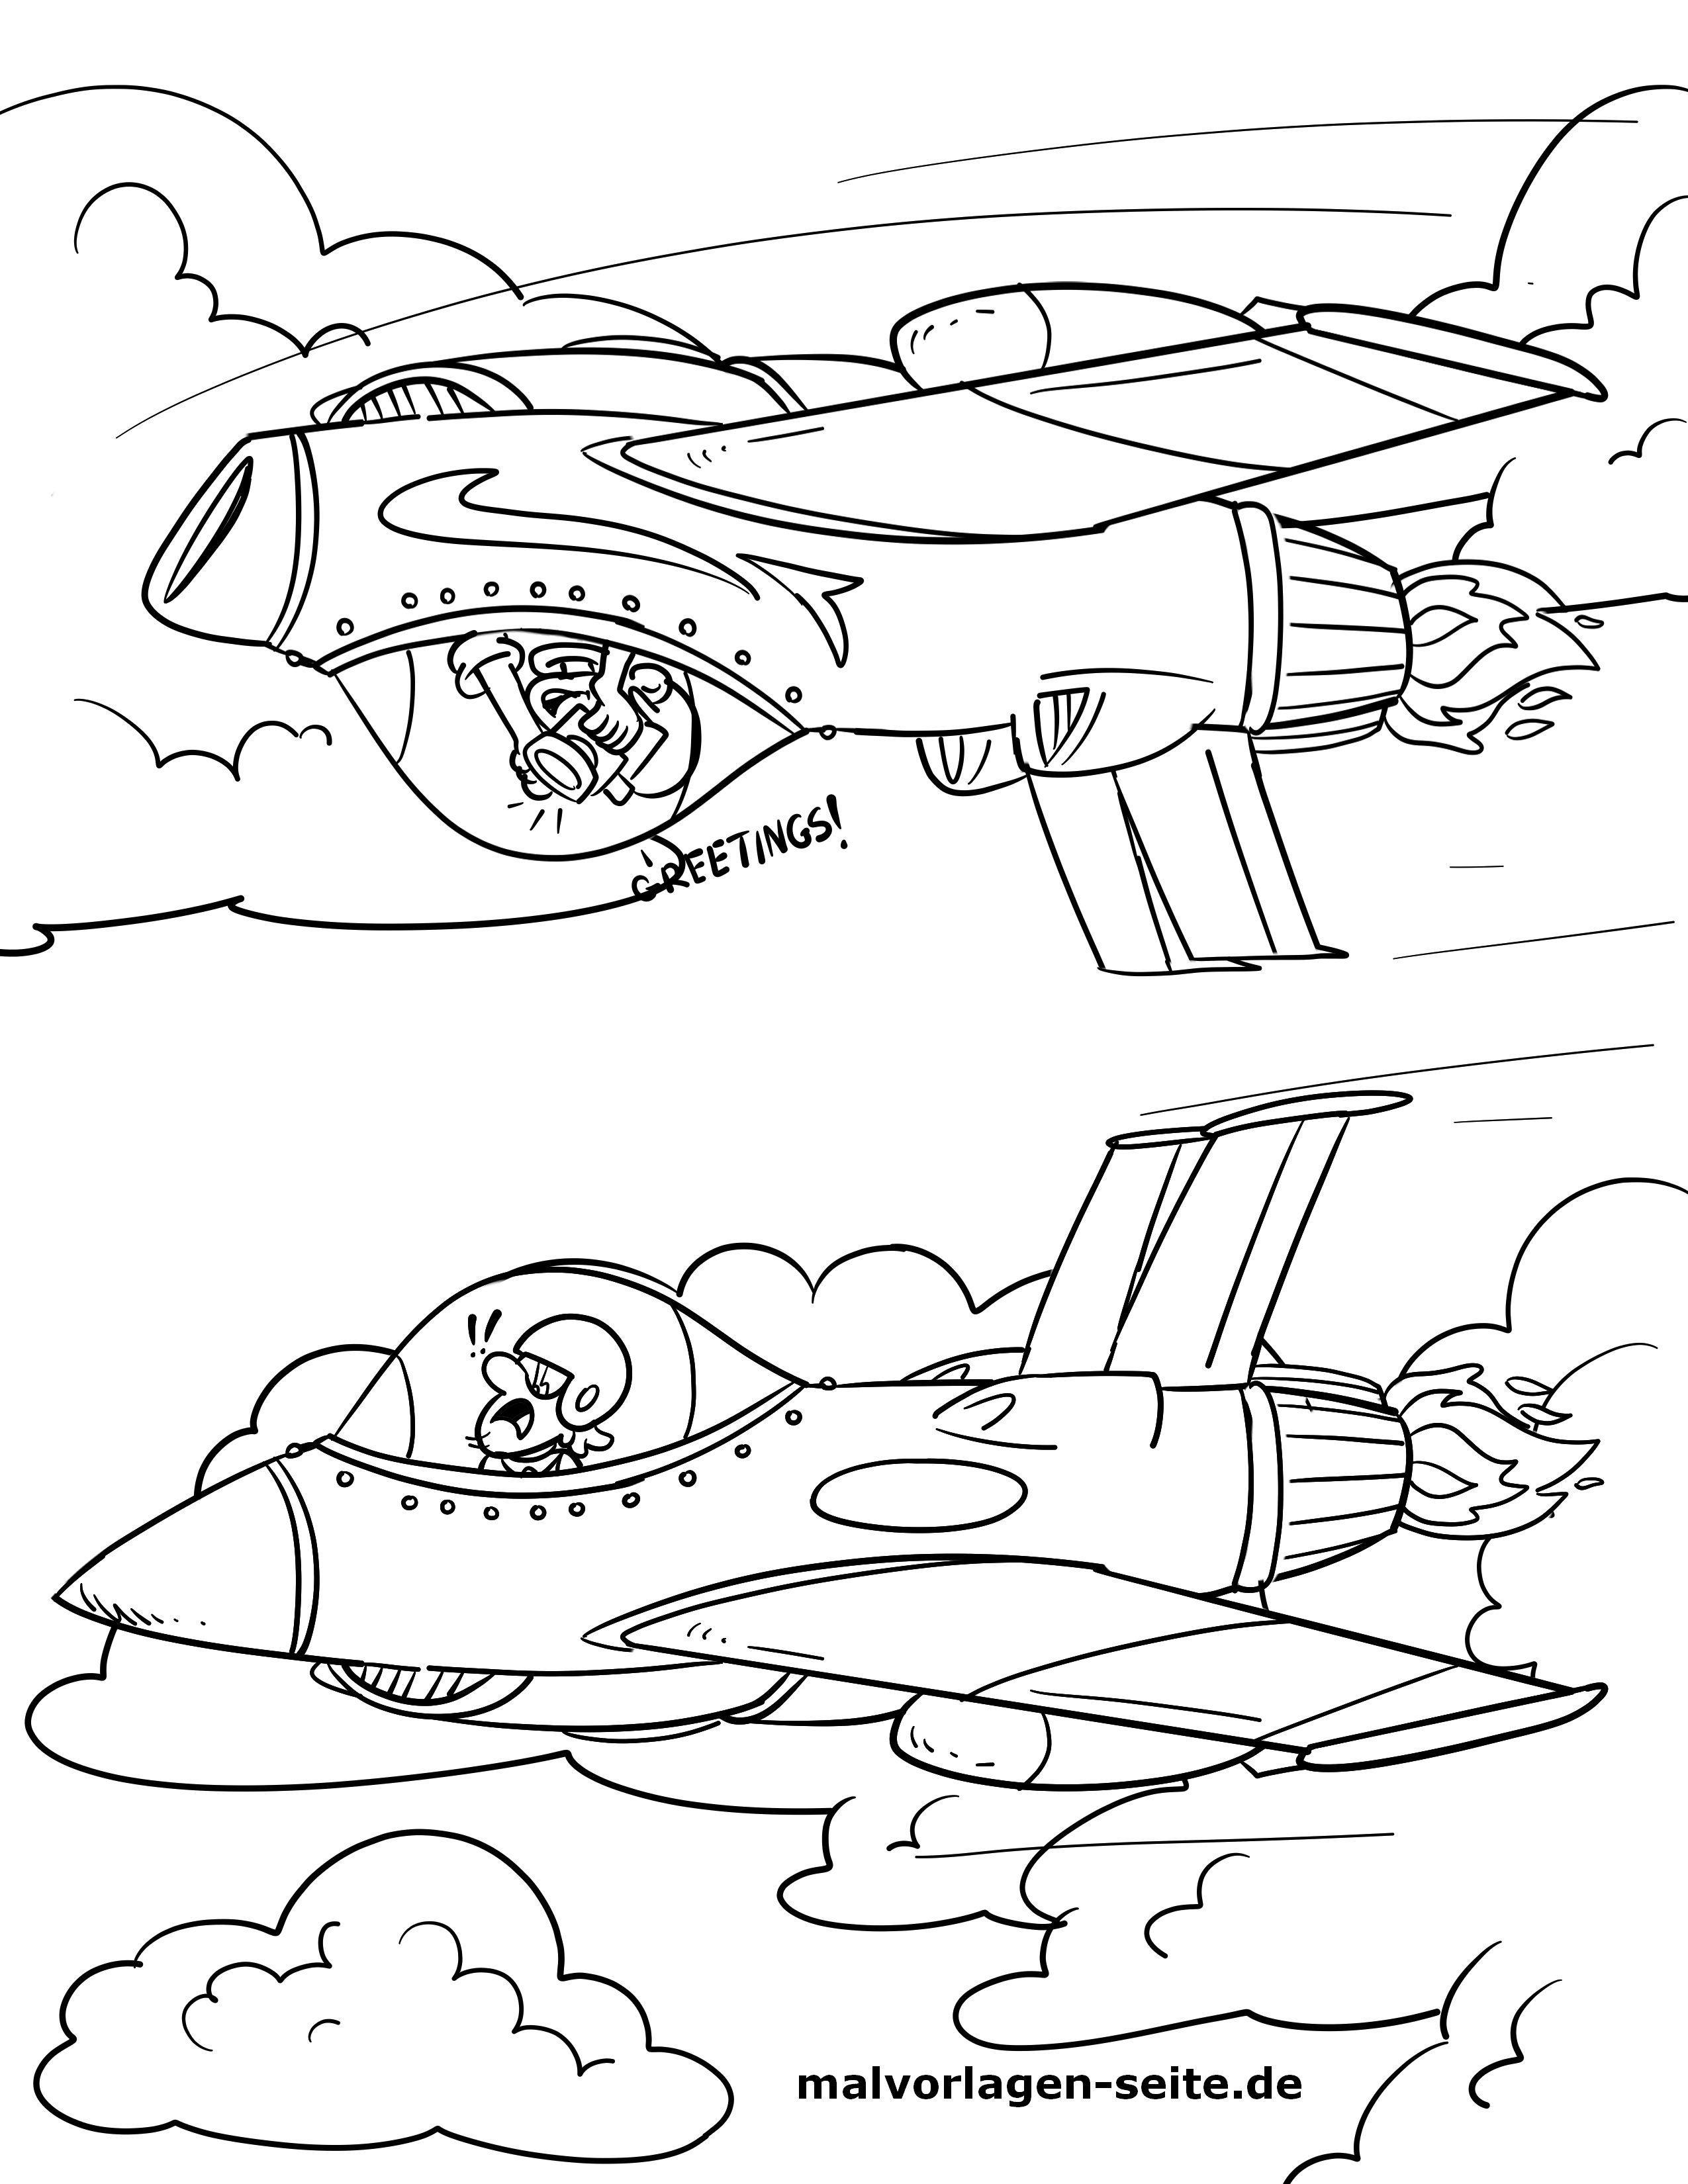 Malvorlage Kampfjet | Flugzeug - Ausmalbilder Kostenlos Herunterladen